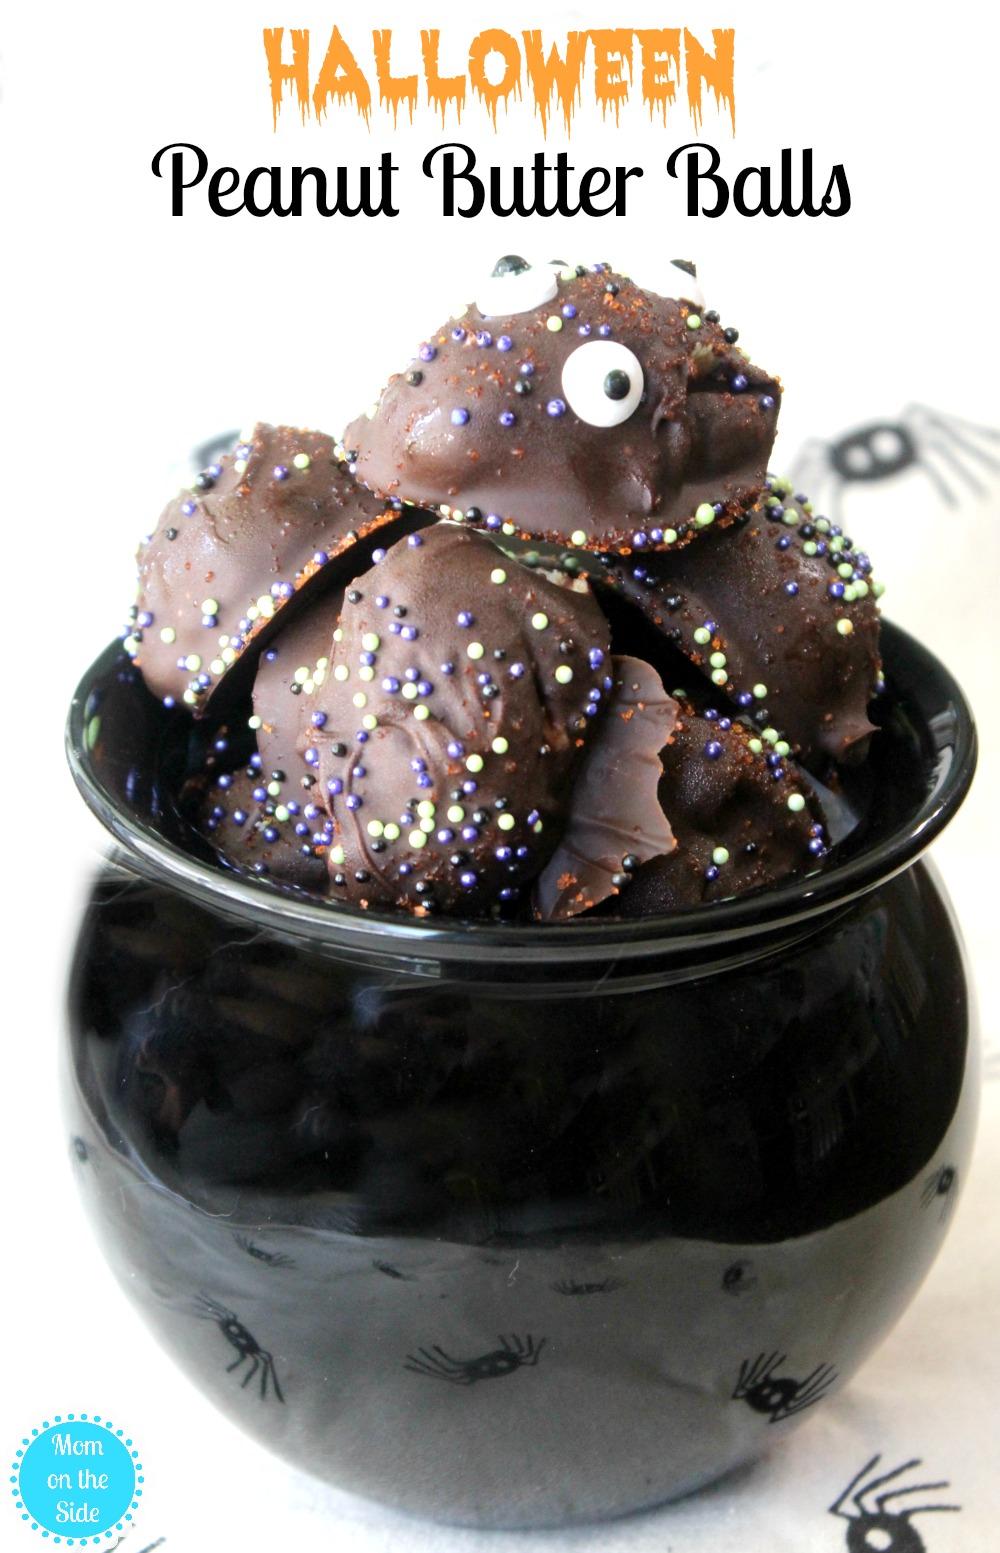 Recipe for Halloween Peanut Butter Balls - an easy Halloween Dessert!